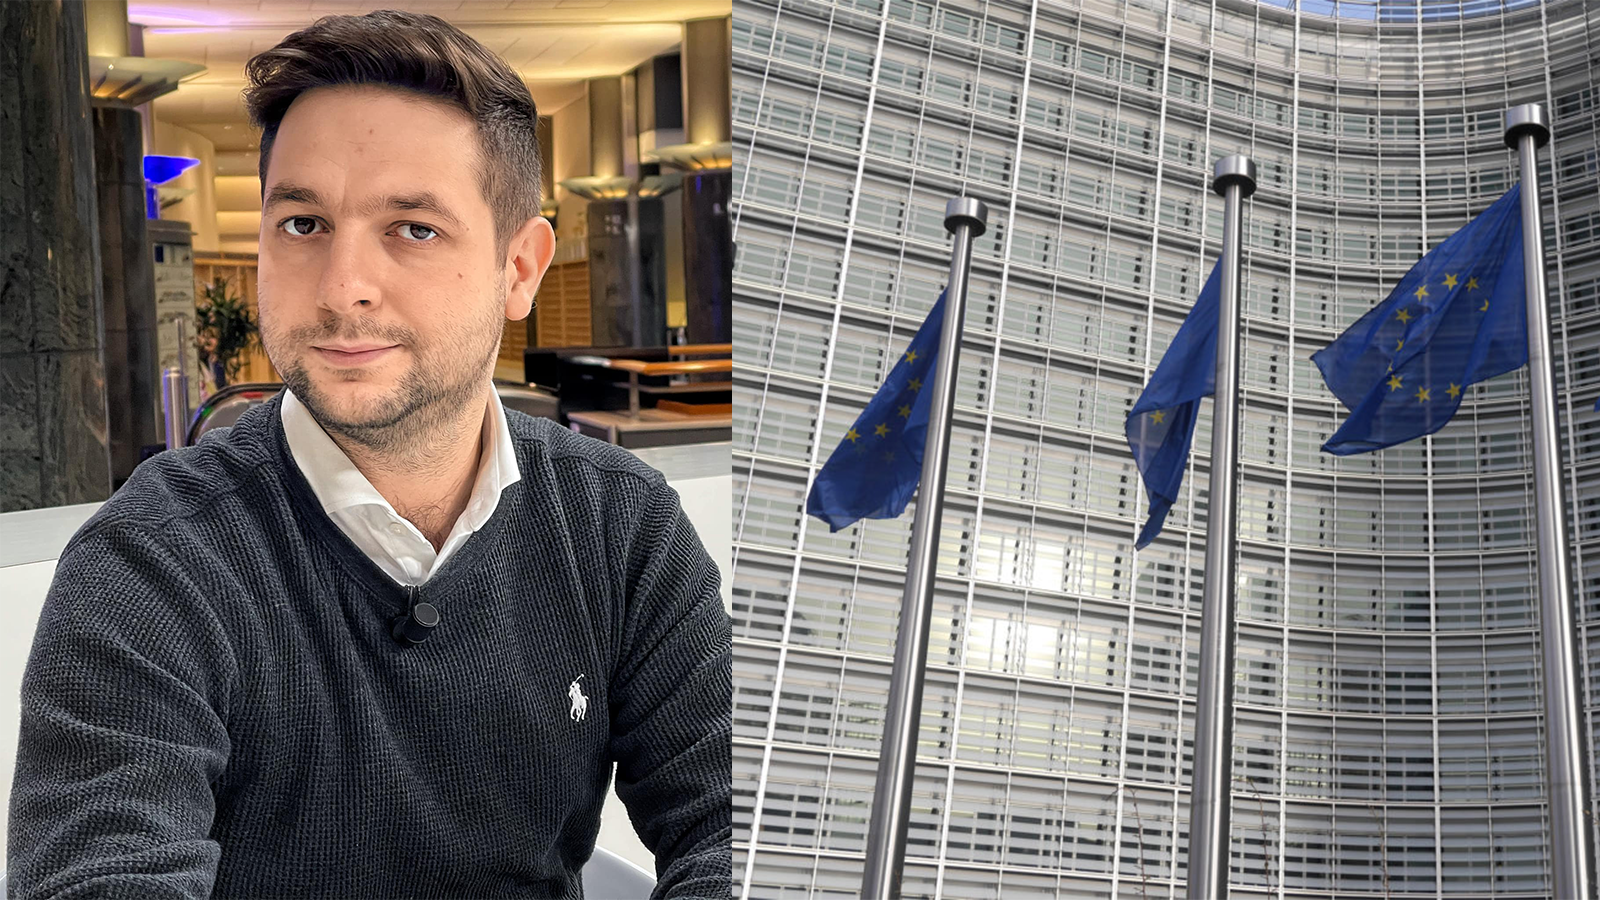 """Jaki chce debaty o """"łamaniu praworządności przez Niemców"""""""